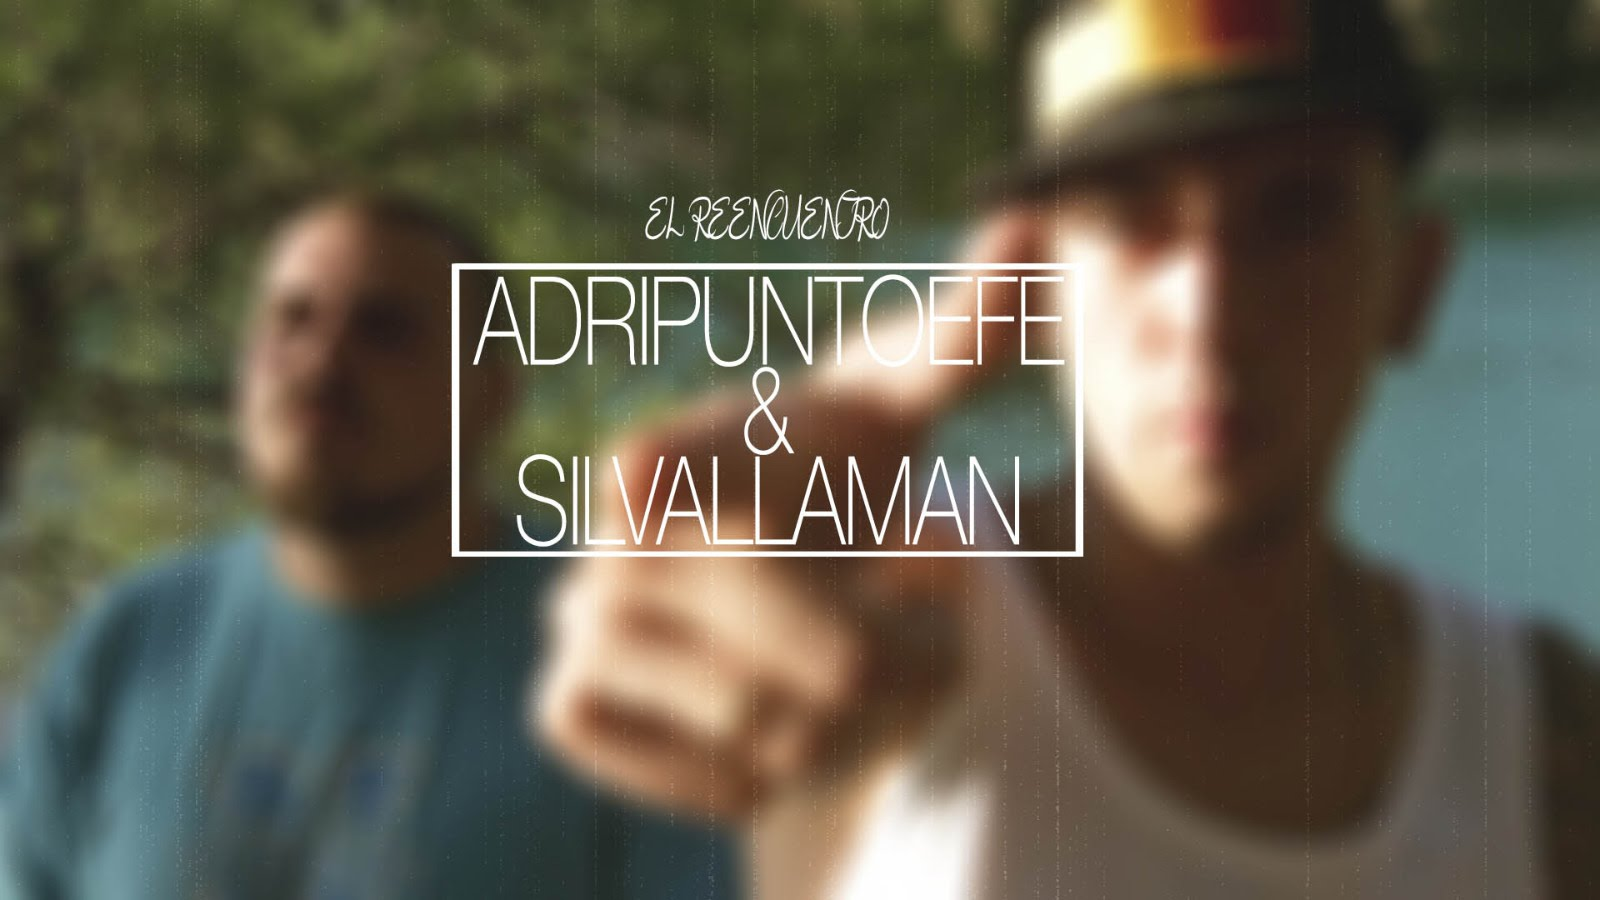 AdriPuntoEfe y Silvallaman – El Reencuentro